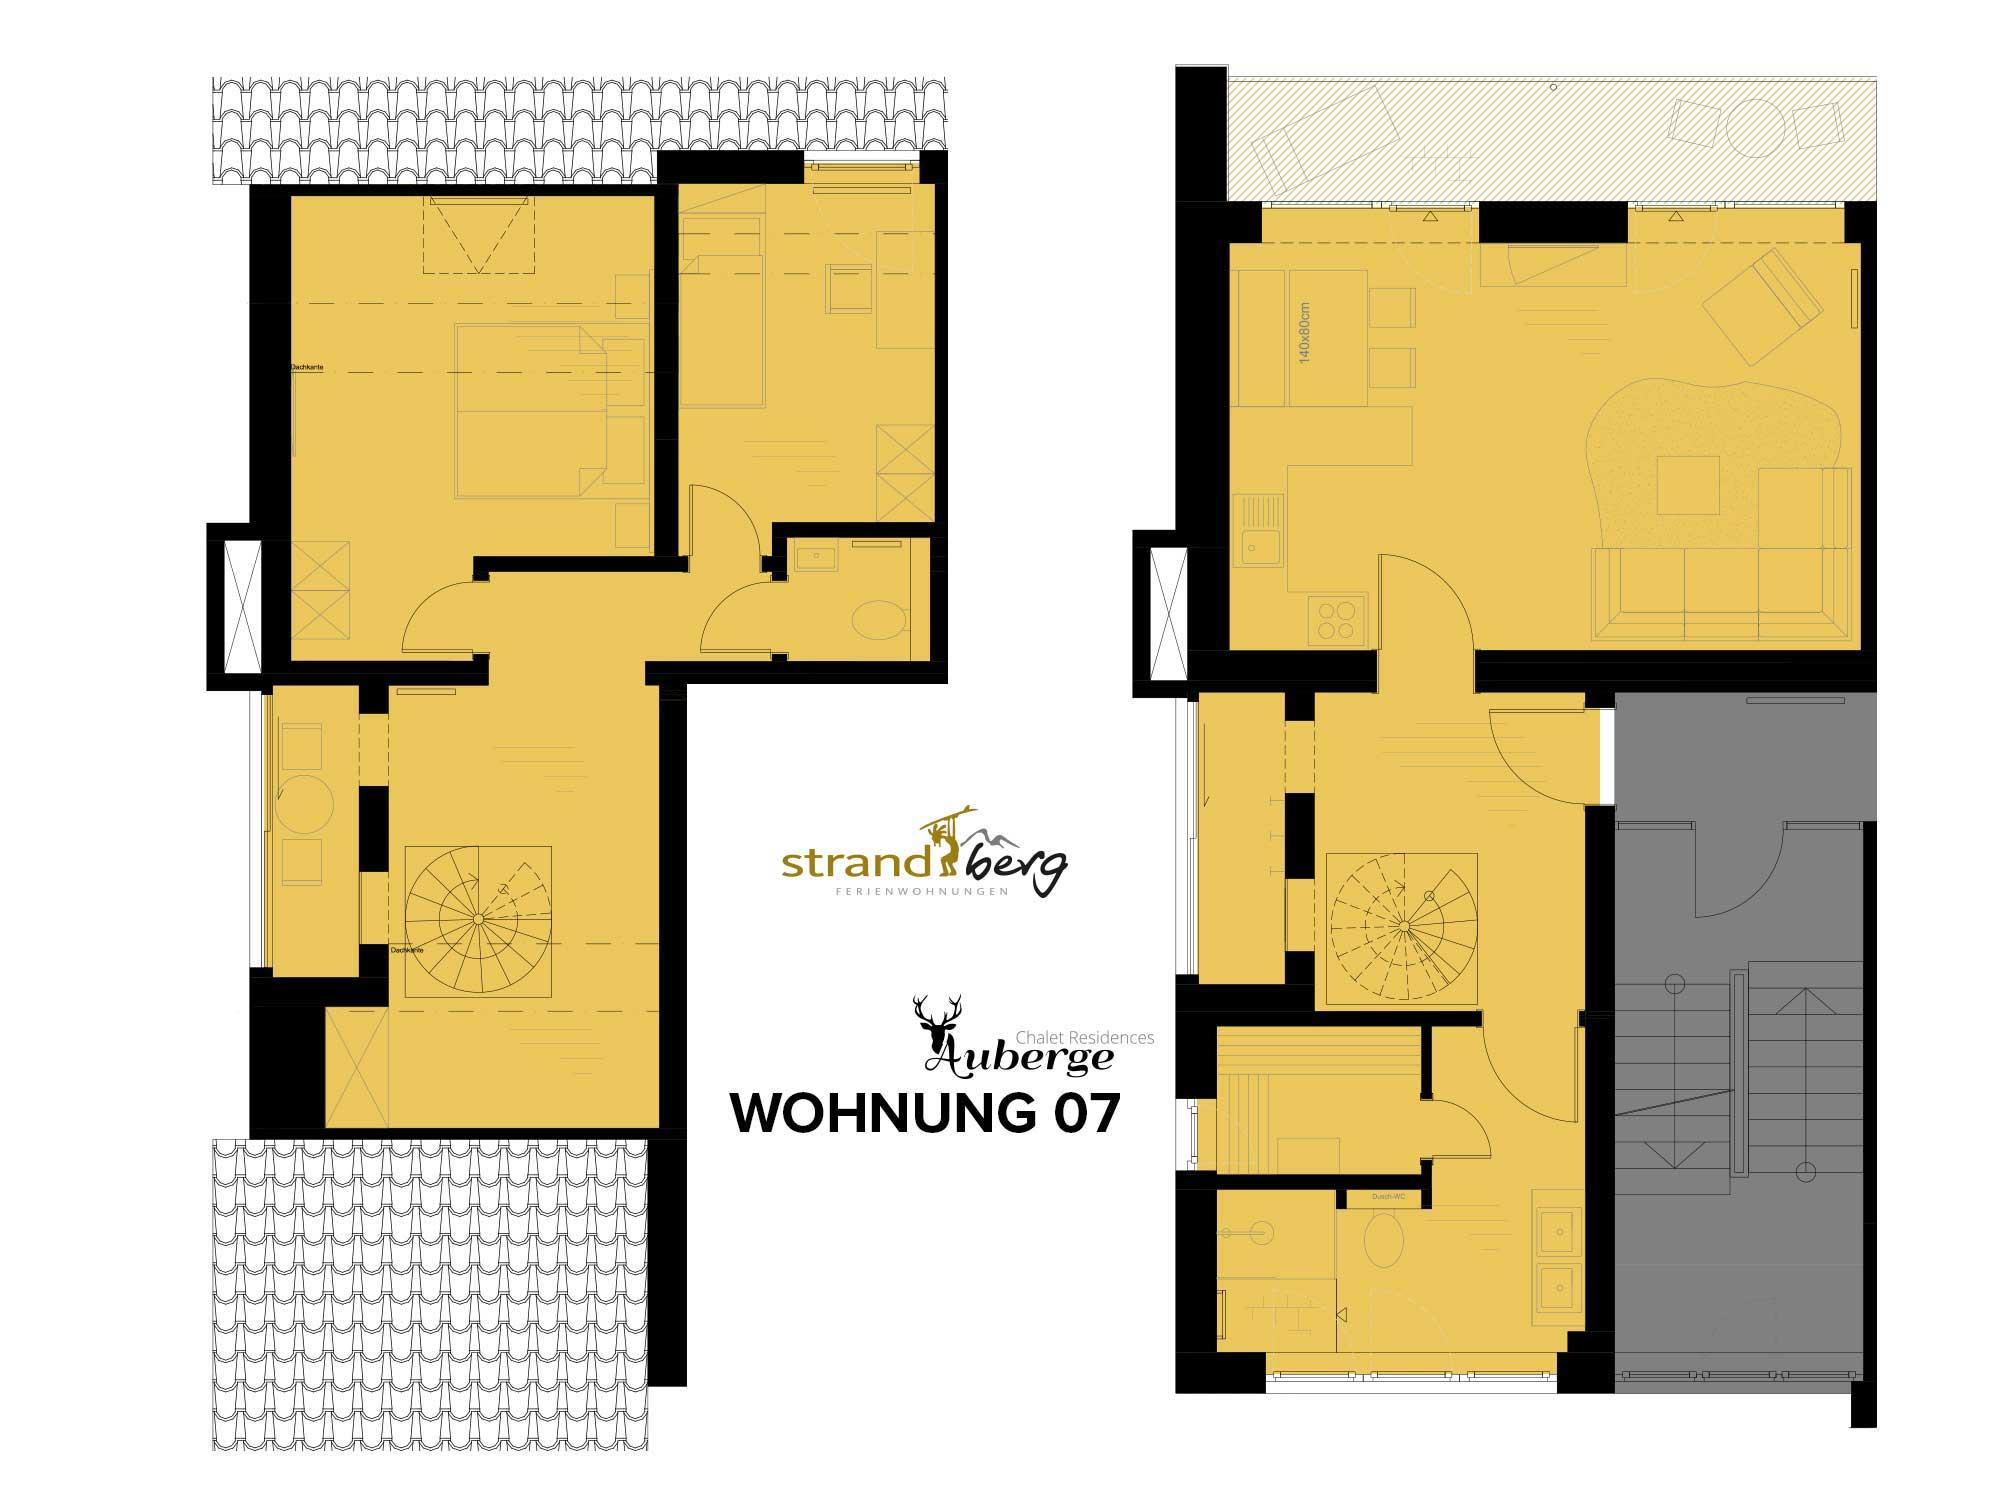 Wohnung 07 Grundriss